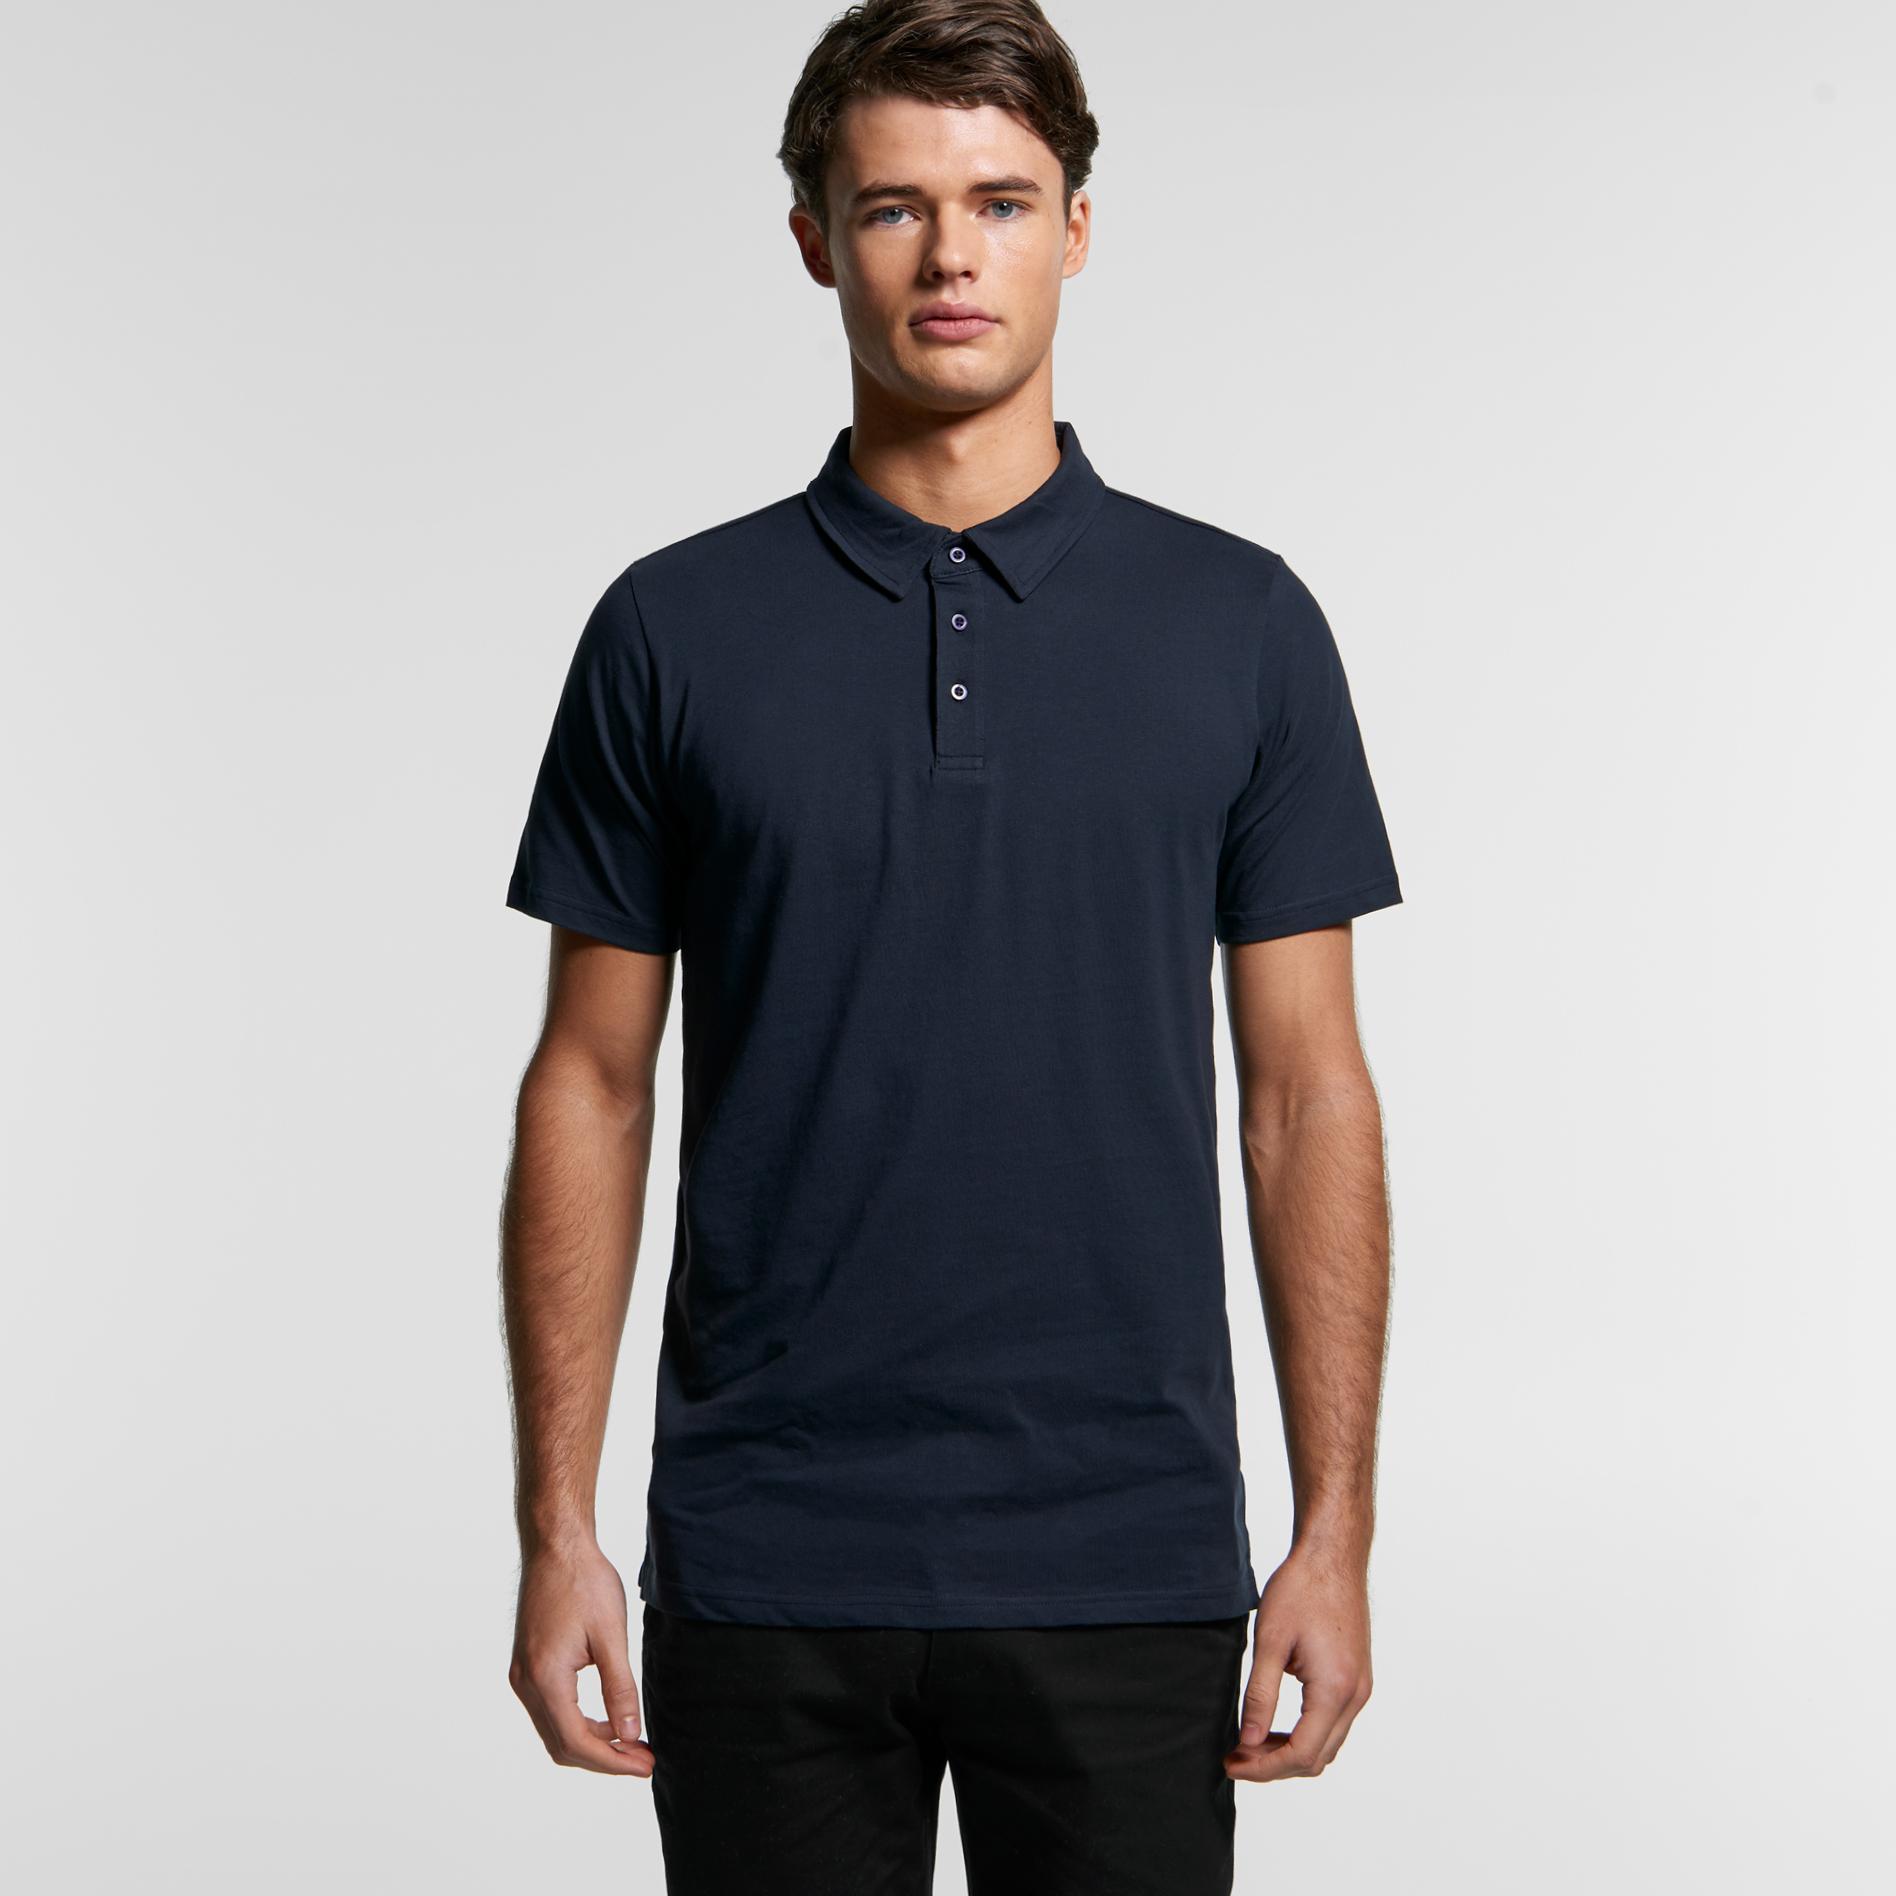 AS Colour Chad Polo Shirt